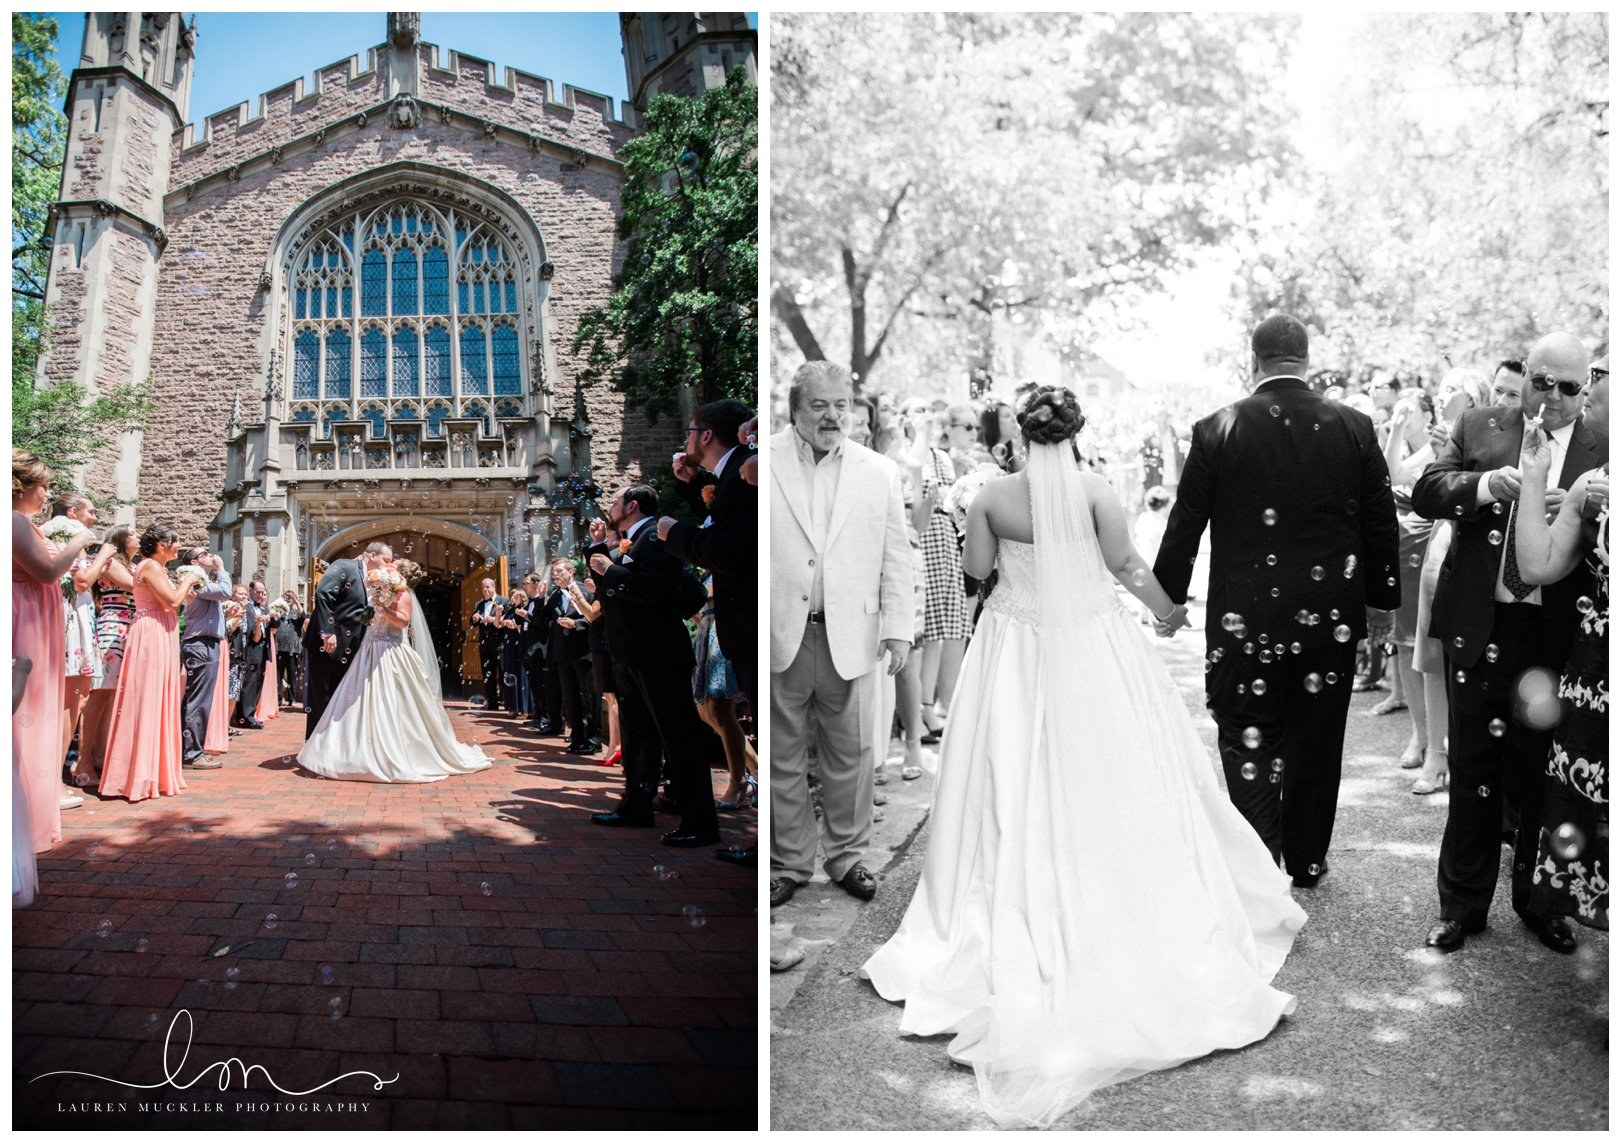 lauren muckler photography_fine art film wedding photography_st louis_photography_0624.jpg